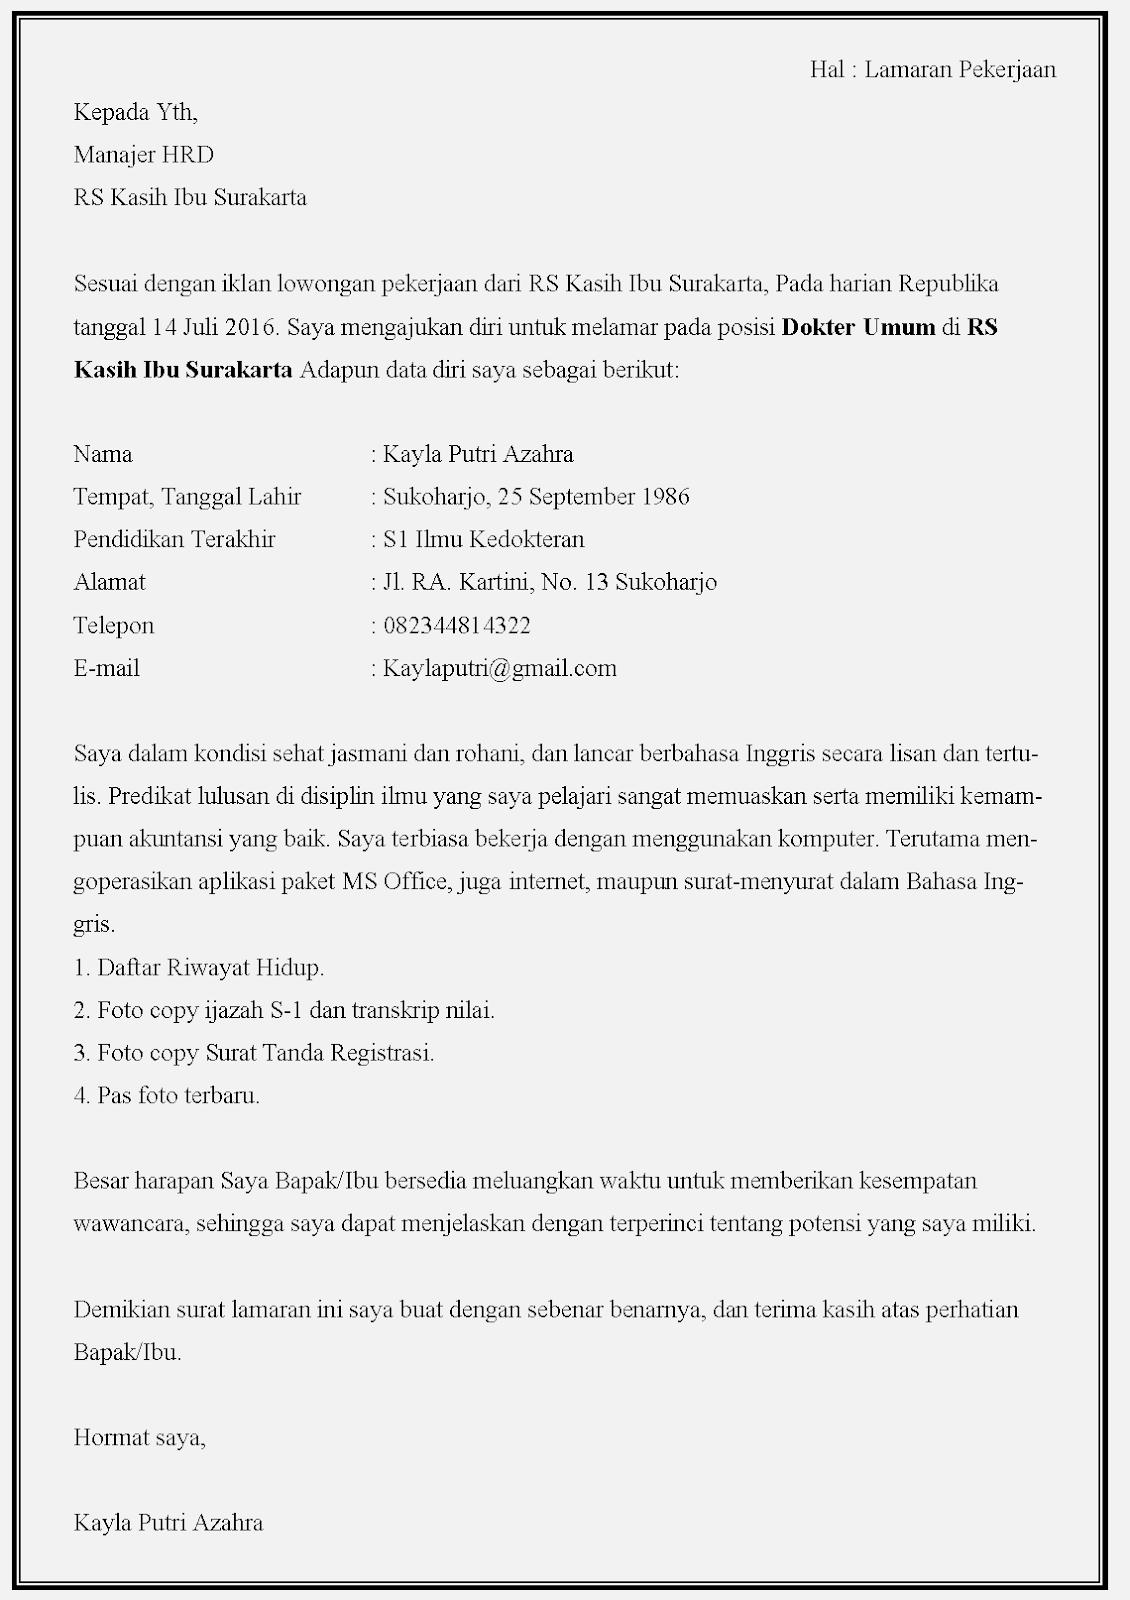 Contoh surat lamaran kerja dokter di rumah sakit Kasih Ibu Surakarta